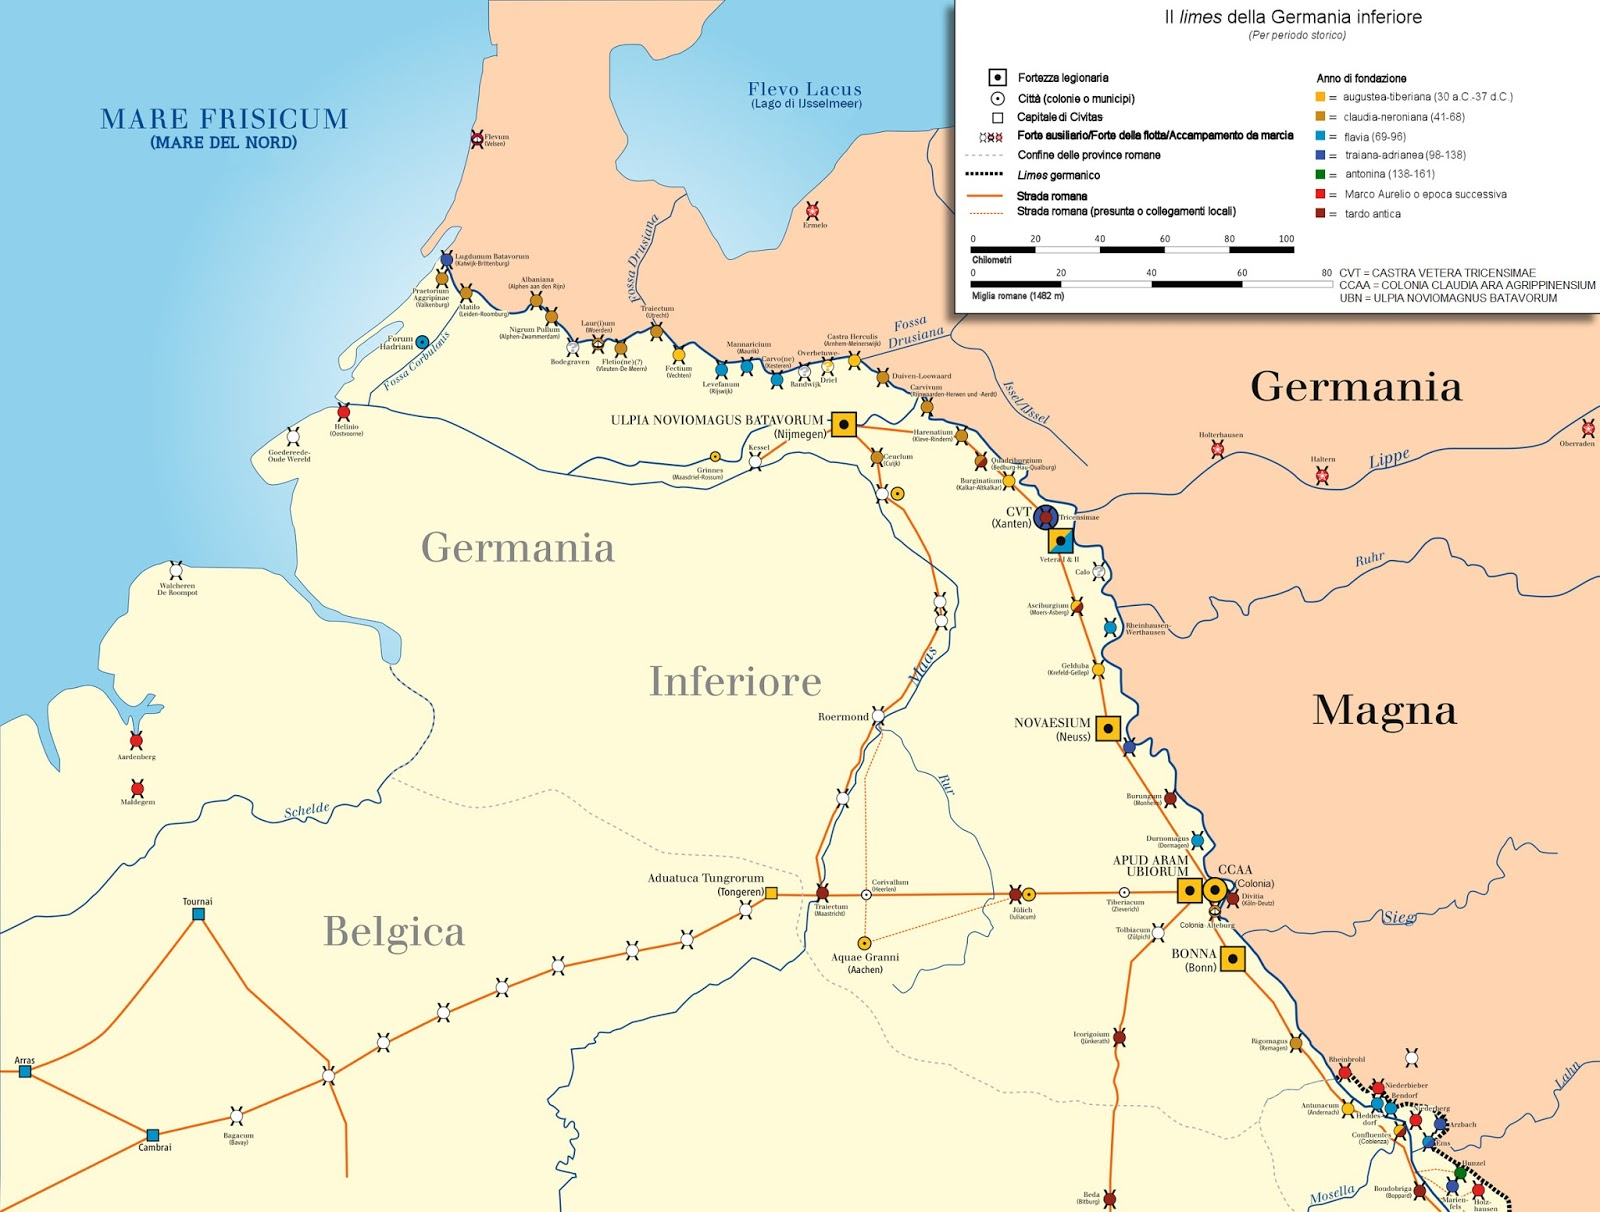 Fiume Elba Cartina Geografica.I Limes Dell Impero Romanoimpero Com